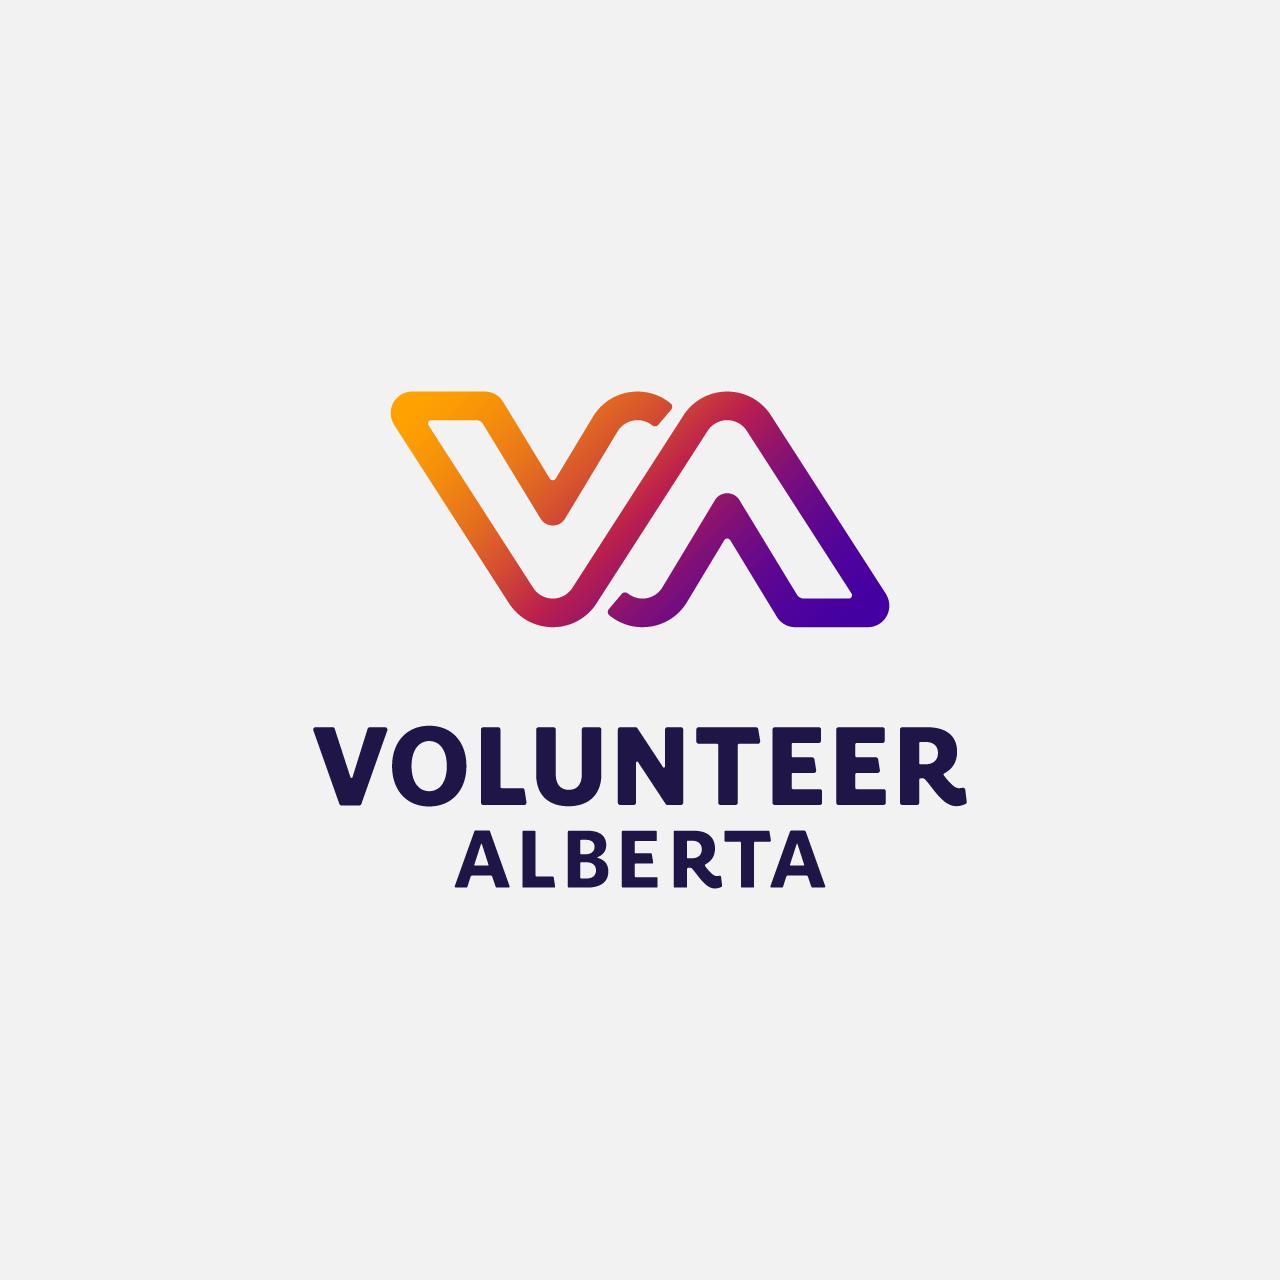 Volunteer-Alberta_logo.png